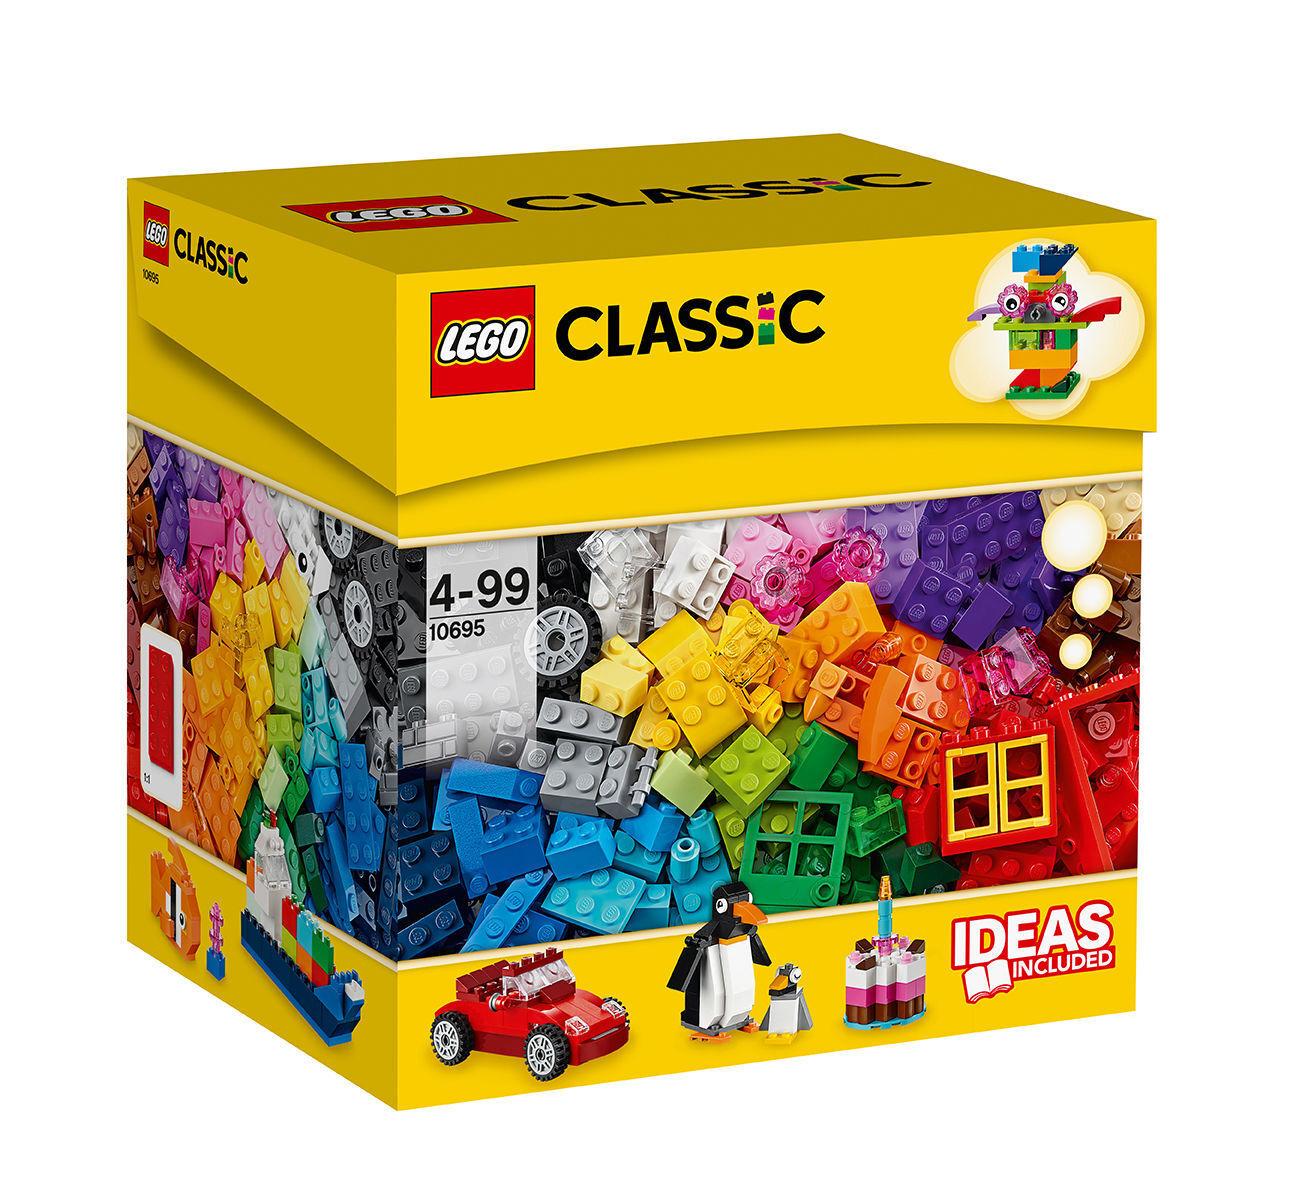 LEGO Classic Bausteine-Box günstig kaufen 10695